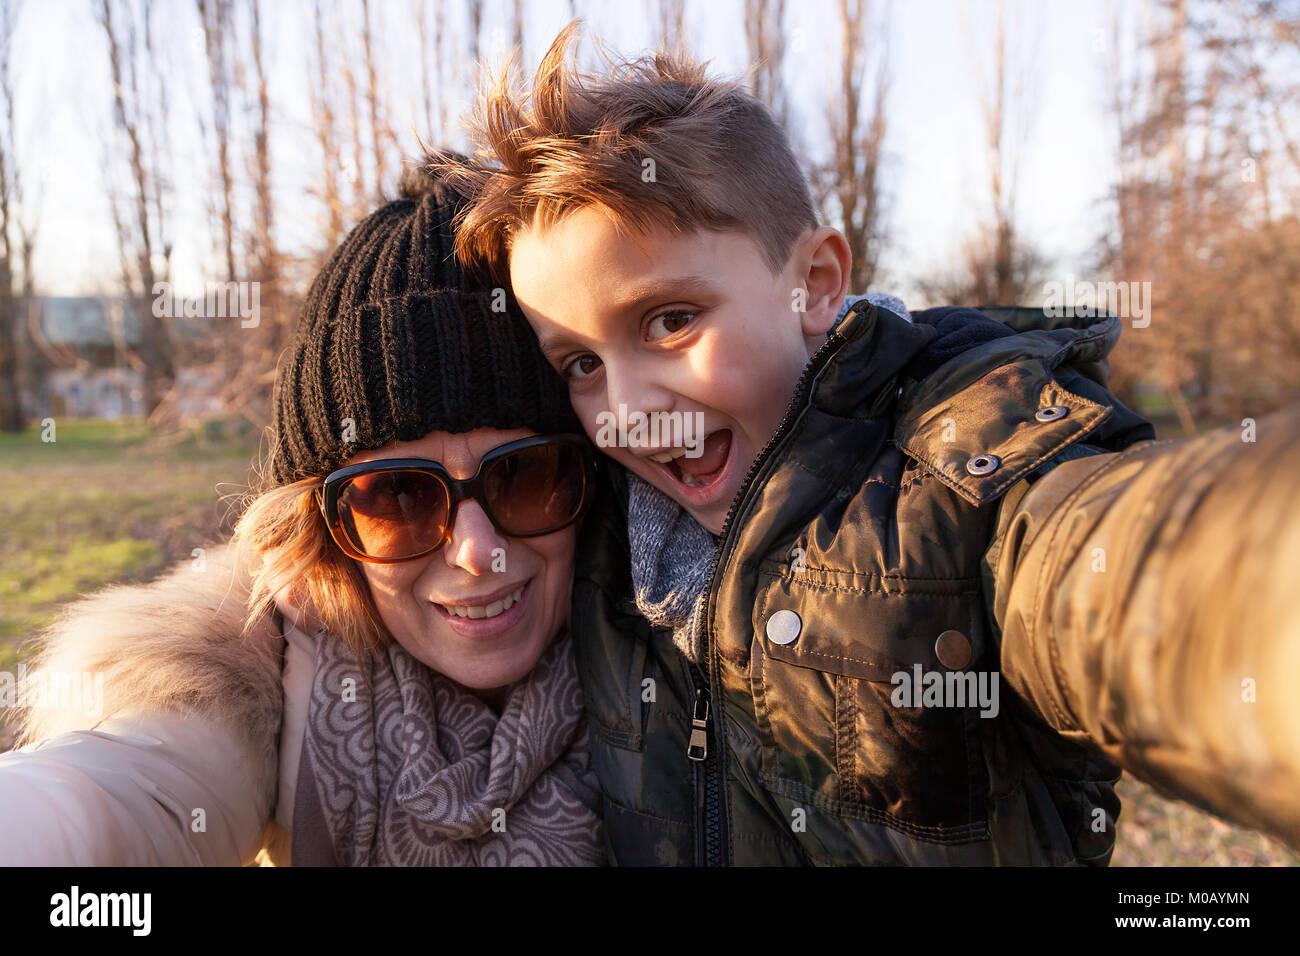 Madre e hijo toma un selfie en un parque público en invierno. Concepto de gente divirtiéndose Imagen De Stock